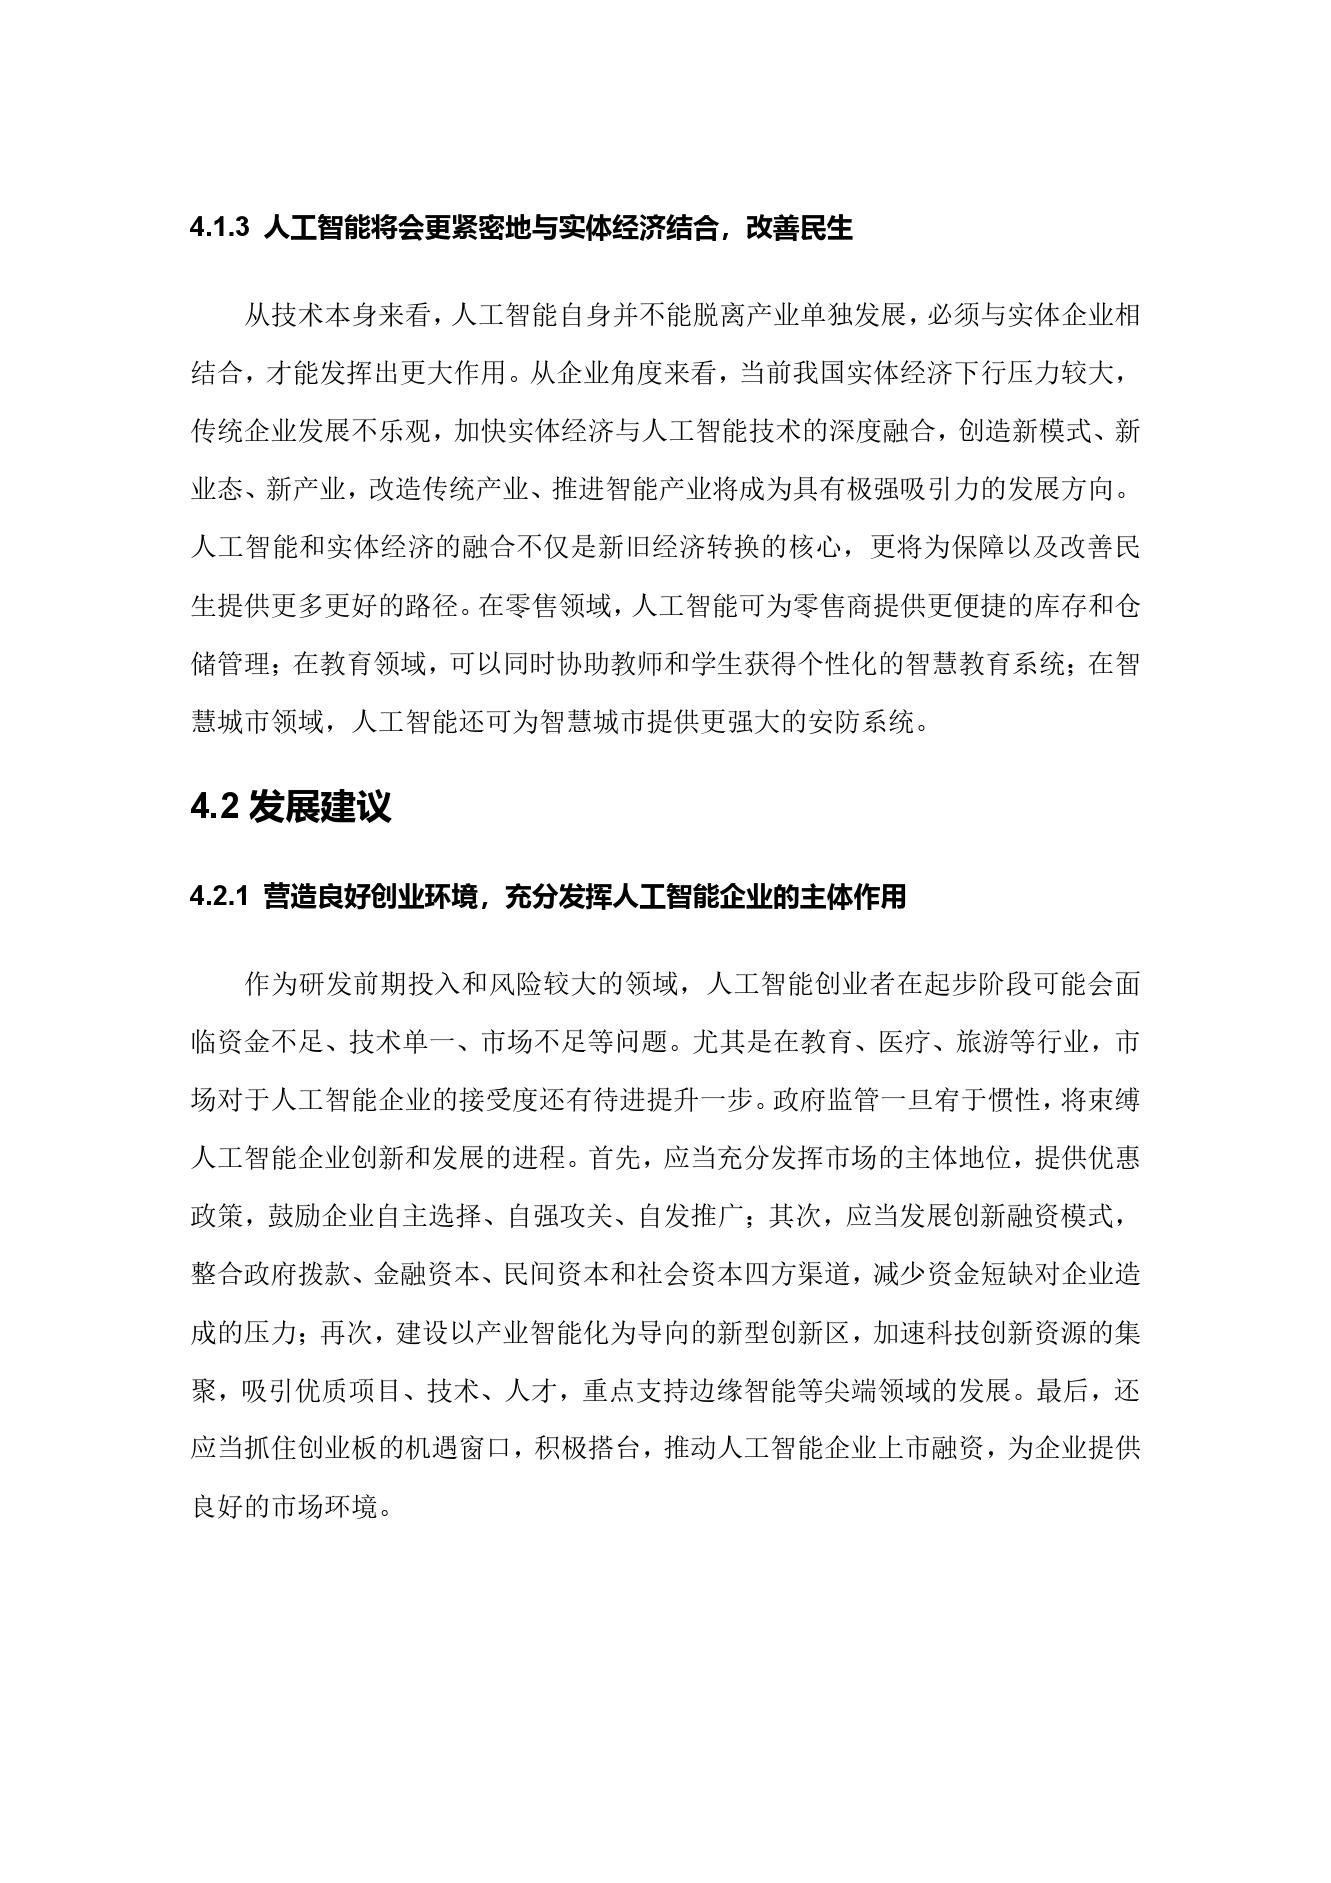 36氪研究院:2020年中国城市人工智能发展指数报告(可下载报告)插图(87)